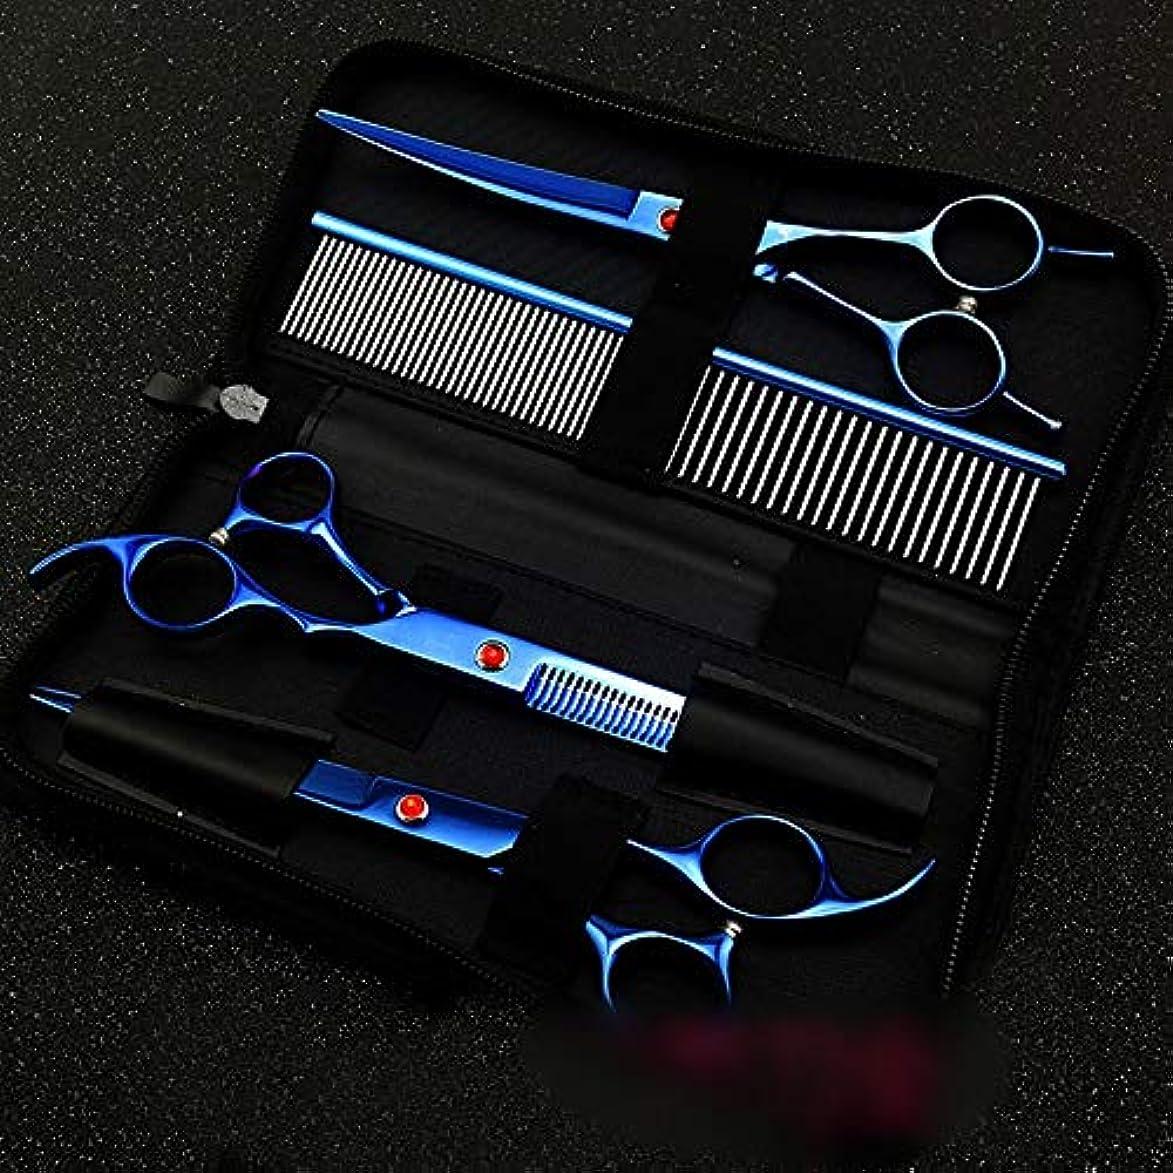 透けて見える端最適WASAIO ペットグルーミングはさみはストレートキットセットブルー行くし7.0インチの電気めっき3パックを切断カービングシアーズトリミング武装具薄毛をカット (色 : 青)